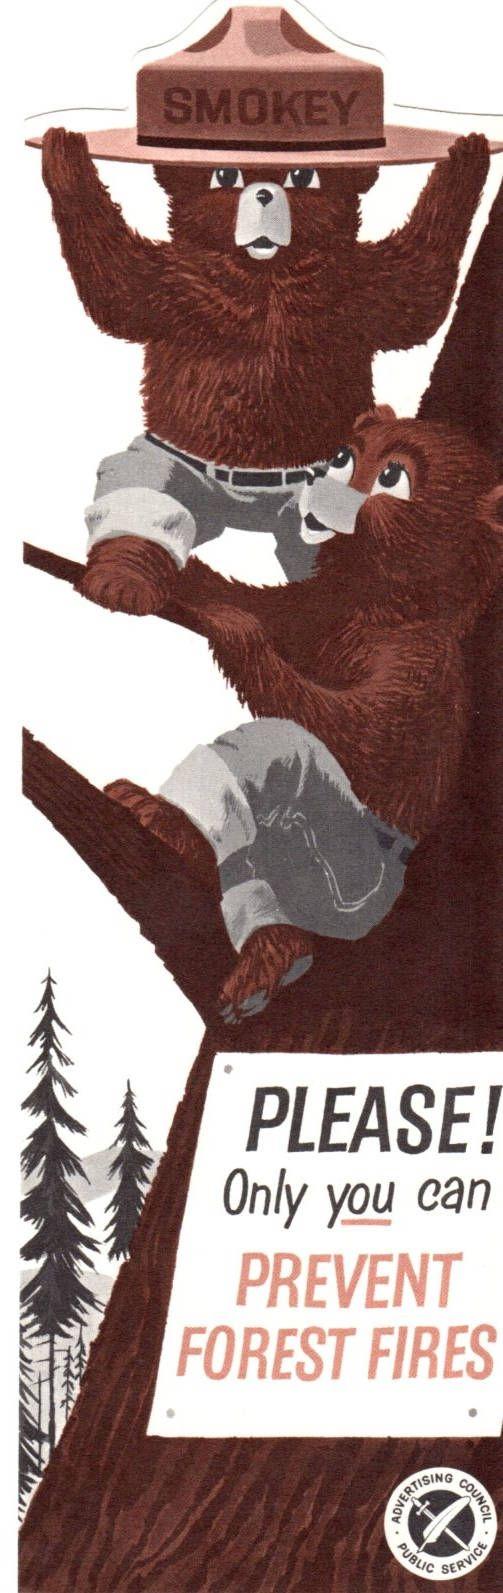 Smokey bear hometown ass